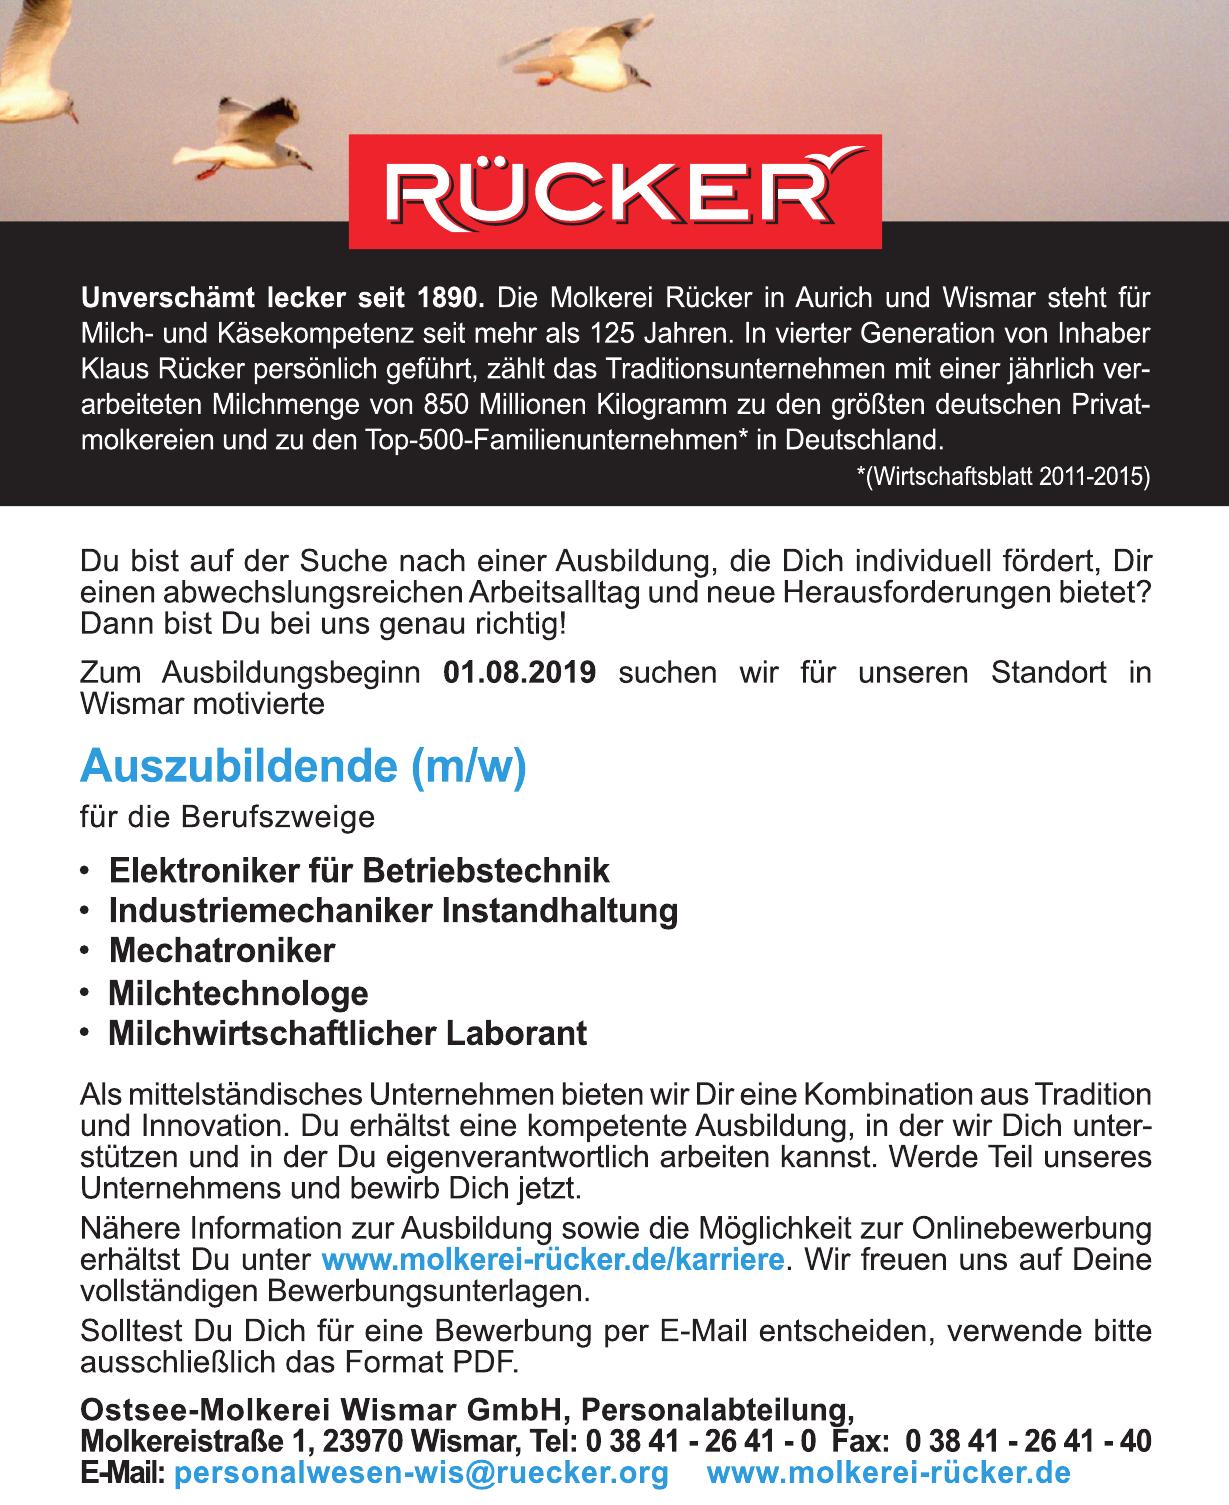 Ostsee-Molkerei Wismar GmbH